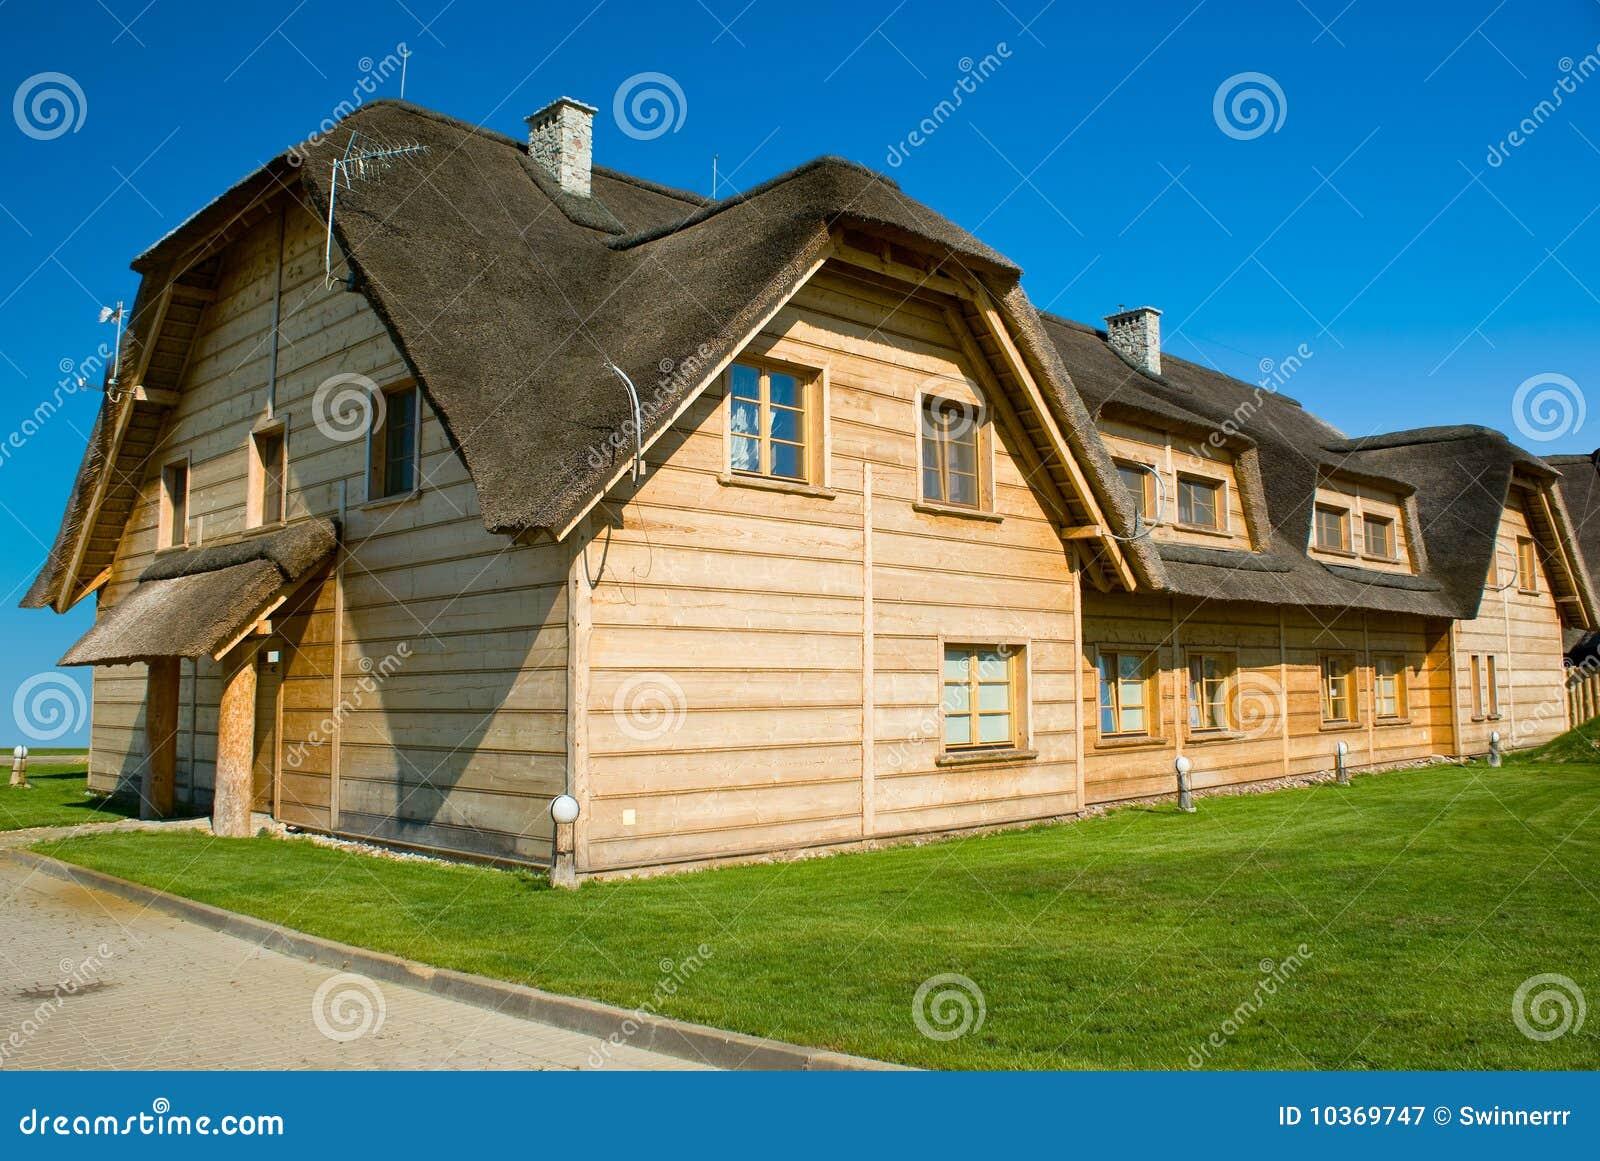 Grande maison en bois avec le toit de paille photographie for Maisons en paille